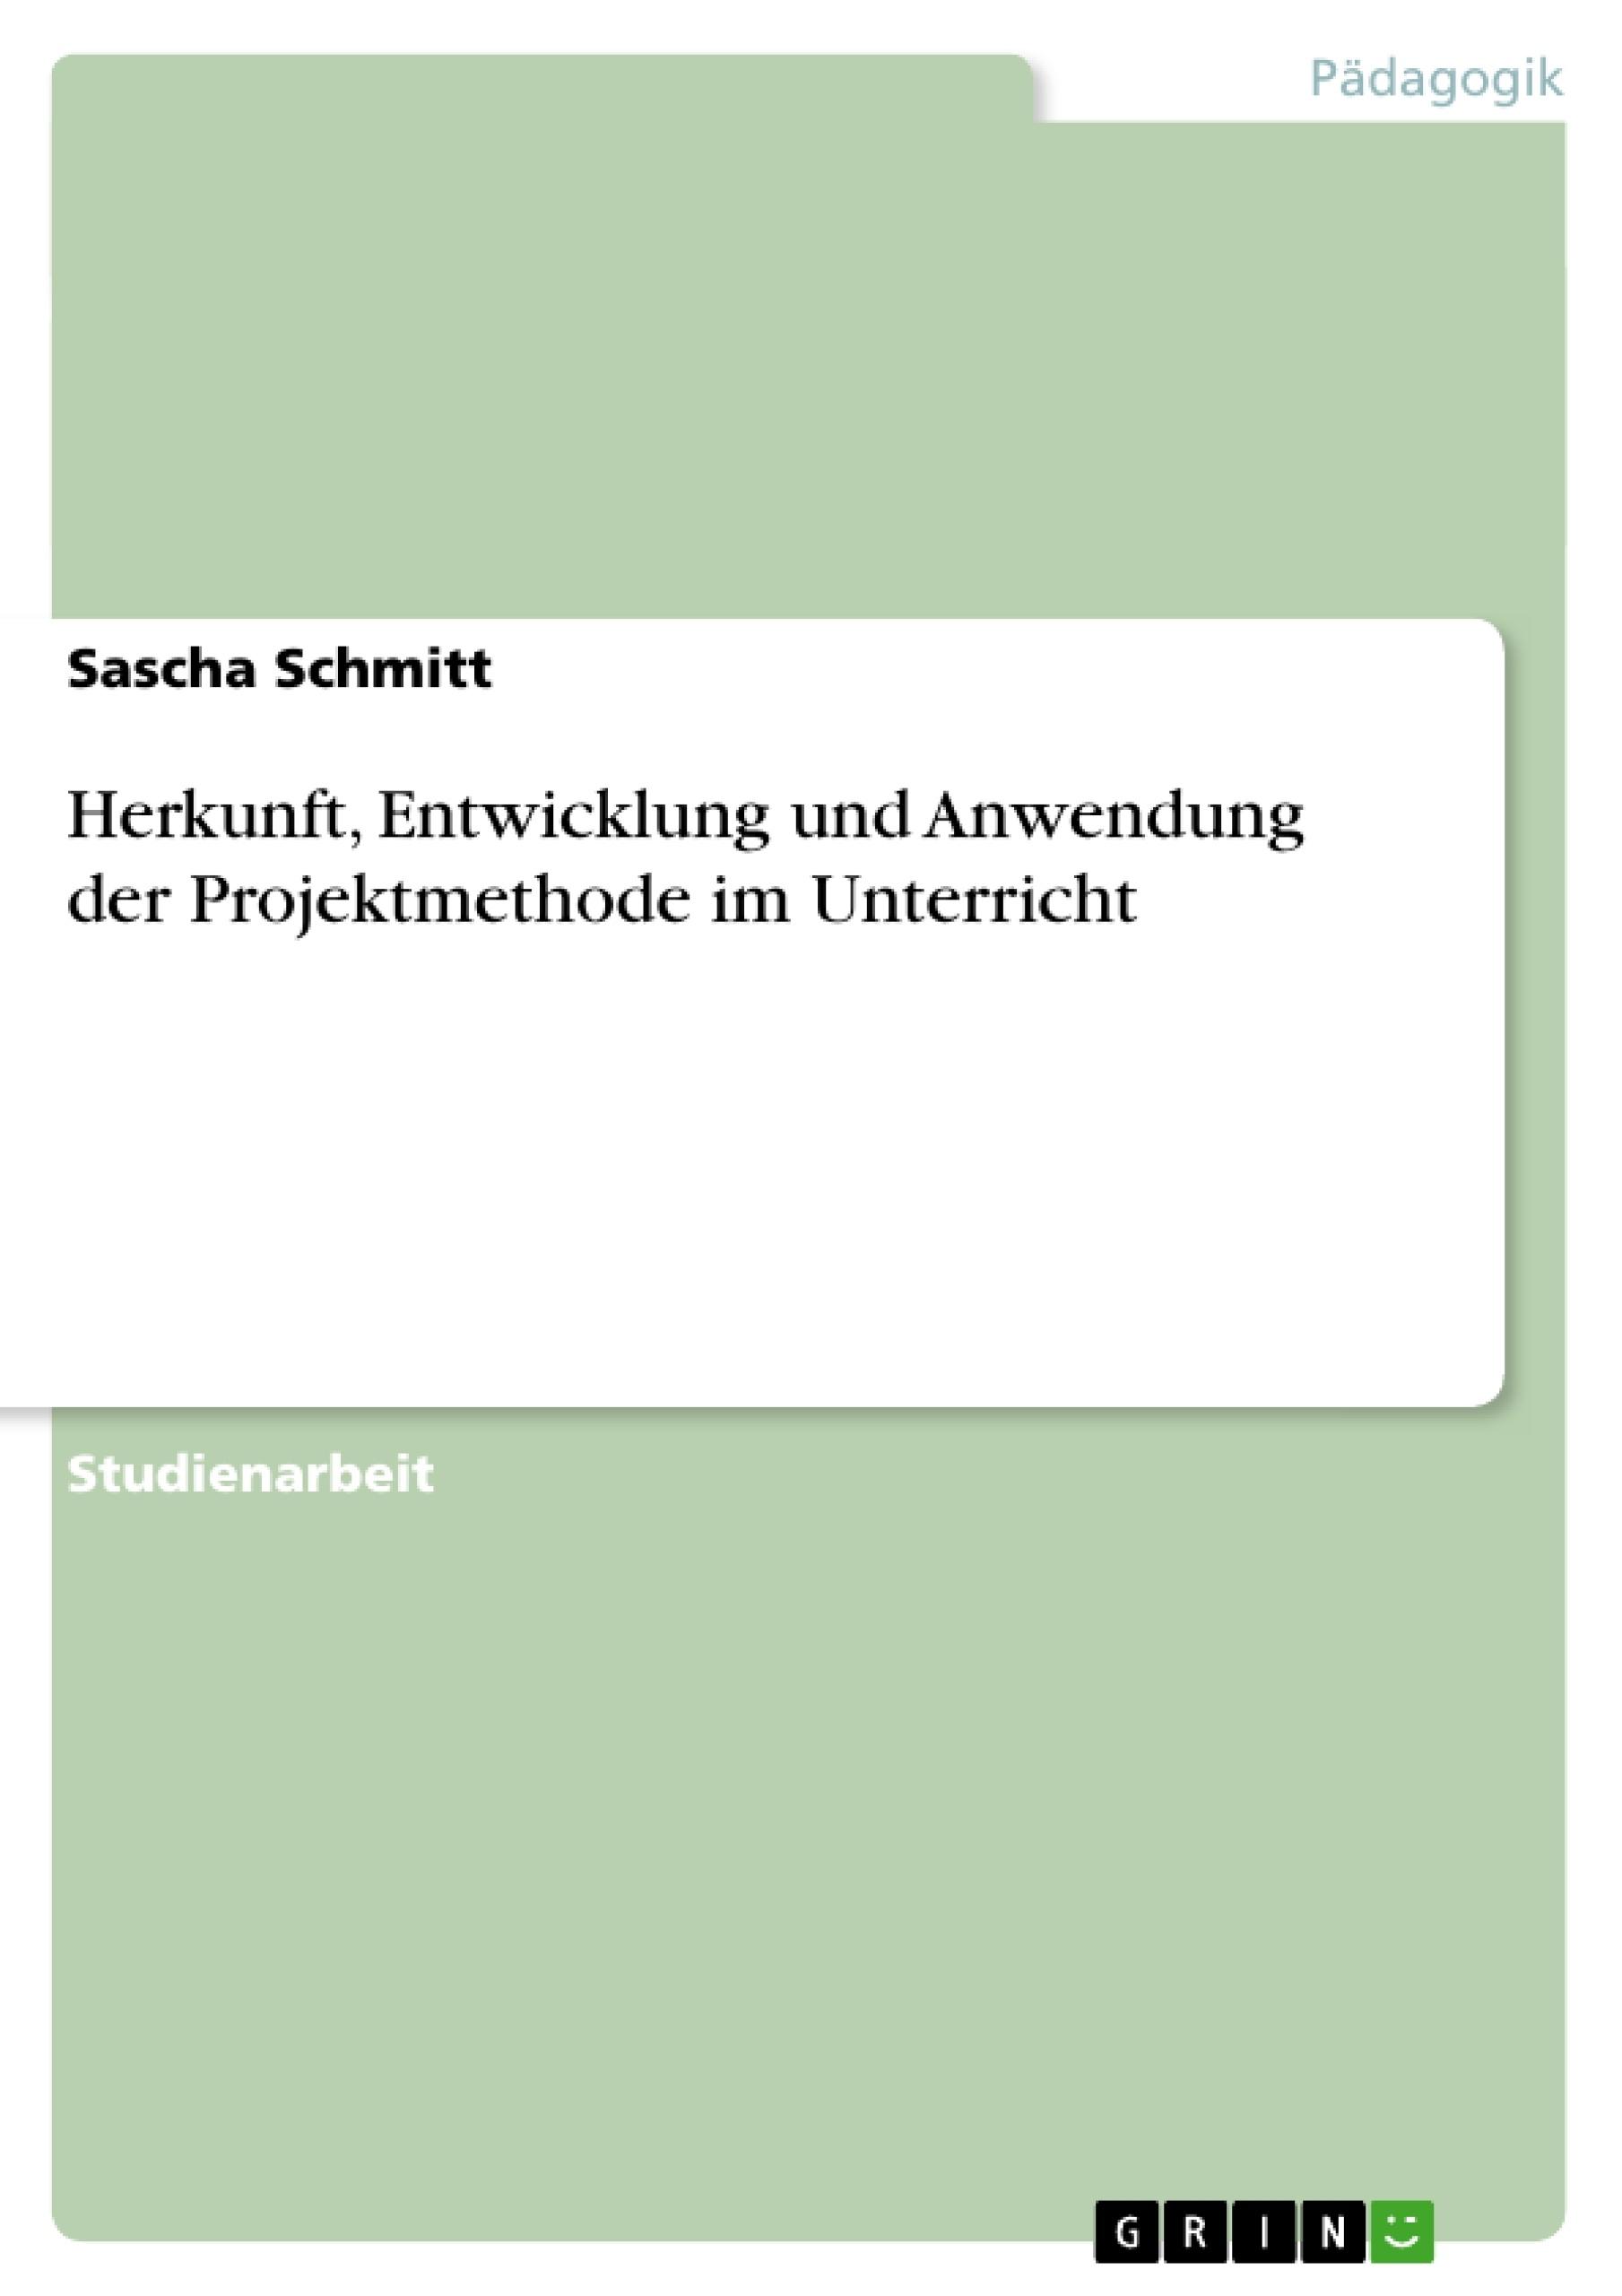 Titel: Herkunft, Entwicklung und Anwendung der Projektmethode im Unterricht